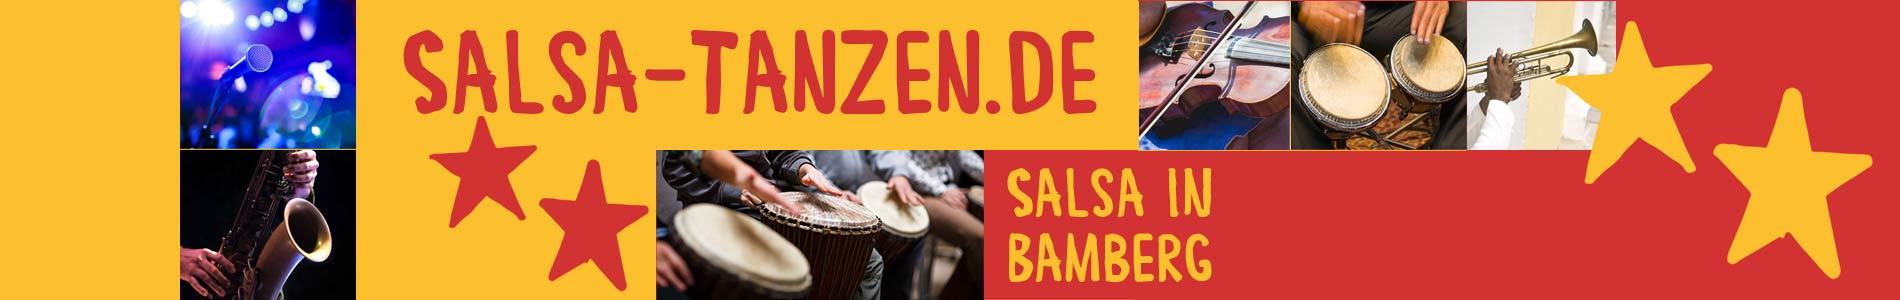 Salsa in Bamberg – Salsa lernen und tanzen, Tanzkurse, Partys, Veranstaltungen